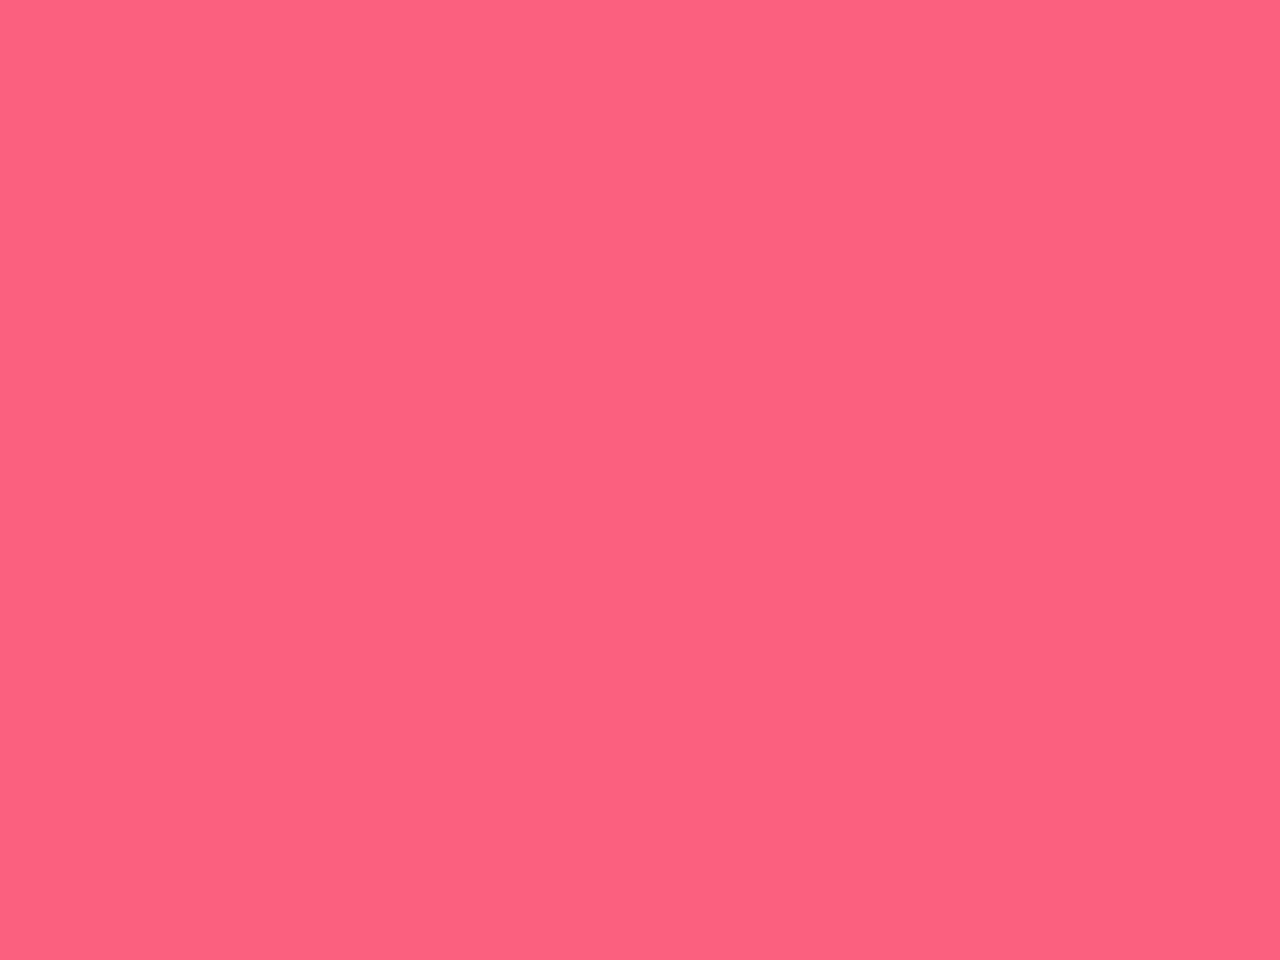 1280x960 Brink Pink Solid Color Background